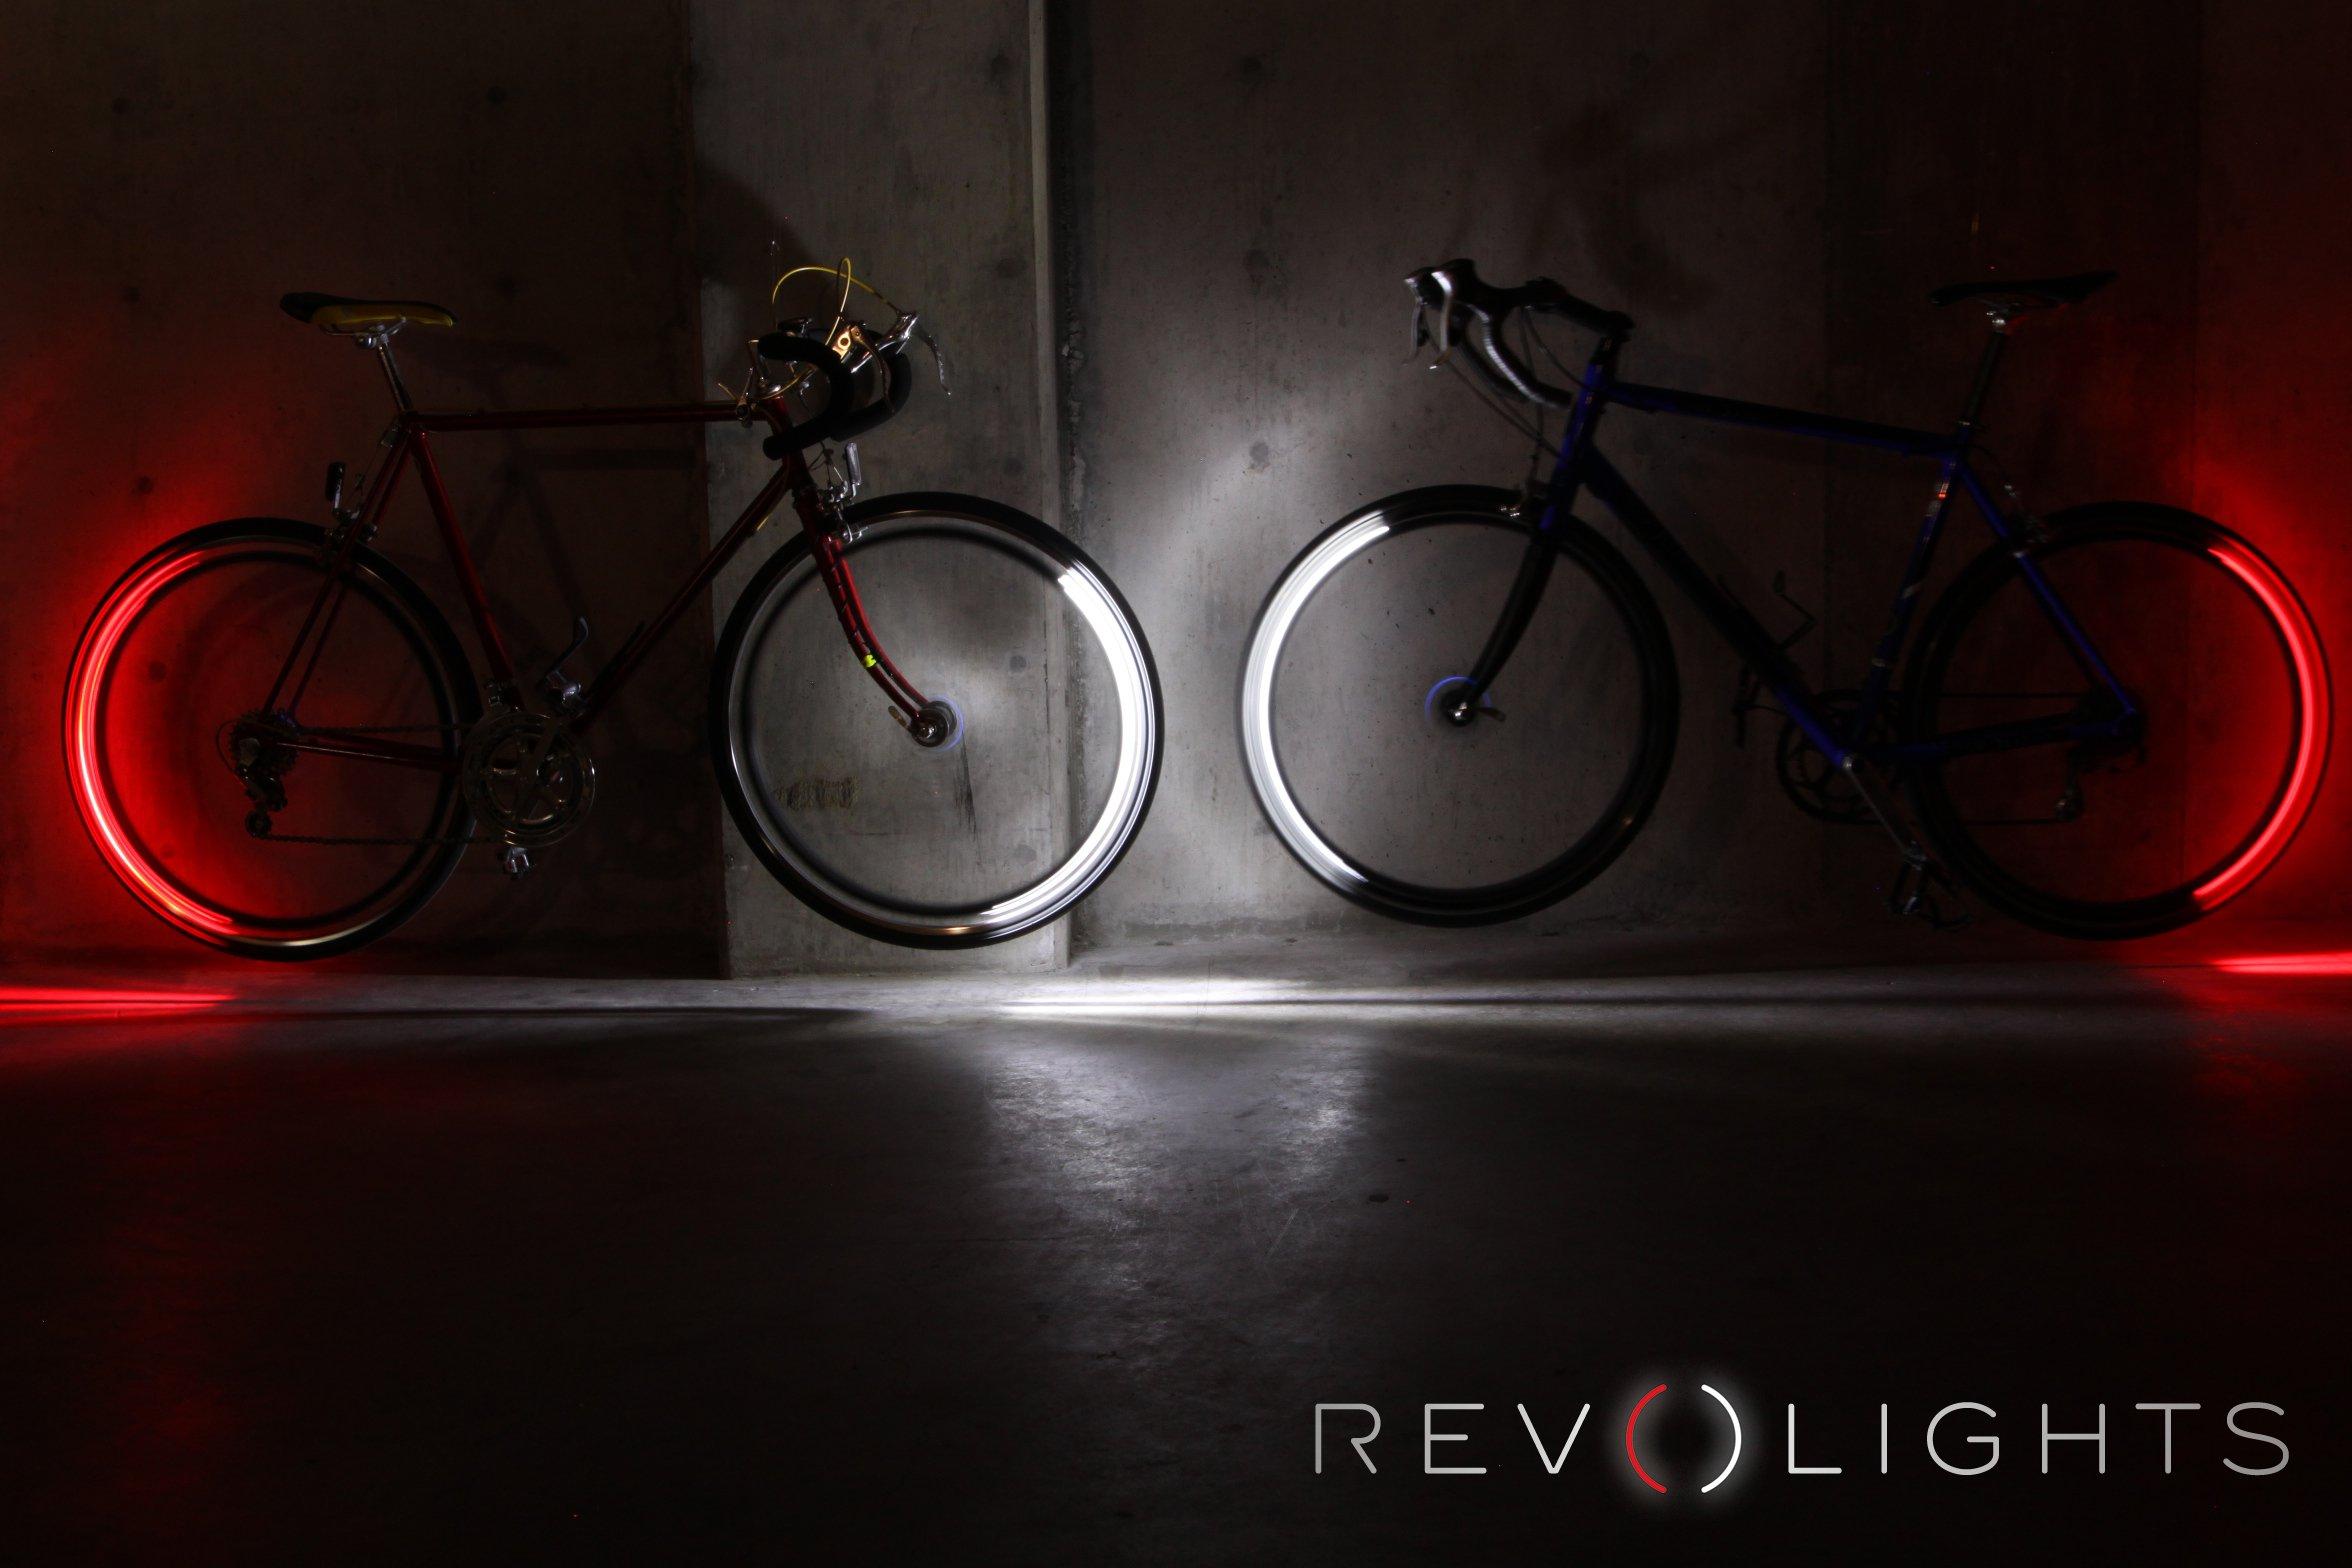 Auch eine auffällige Frontbeleuchtung ist denkbar, um Radfahrer nachts auffälliger zu machen.